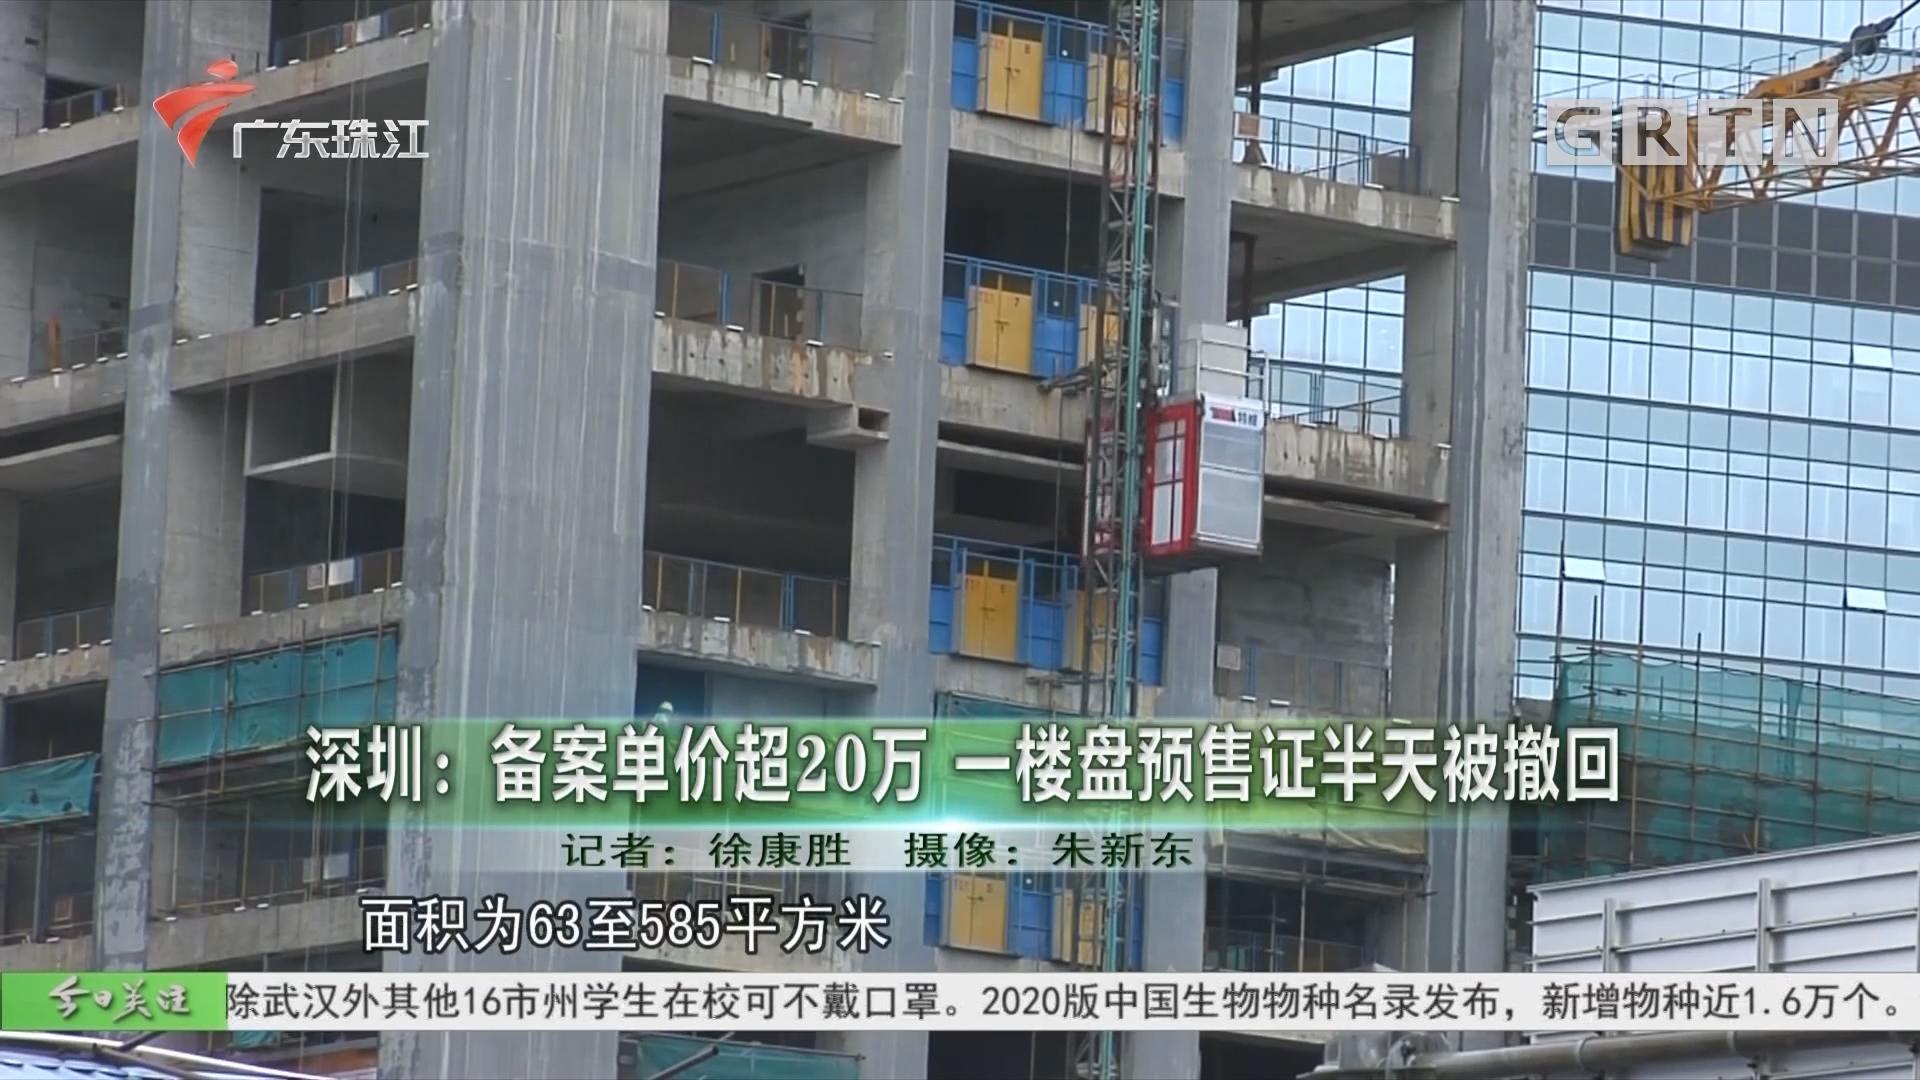 深圳:备案单价超20万 一楼盘预售证半天被撤回